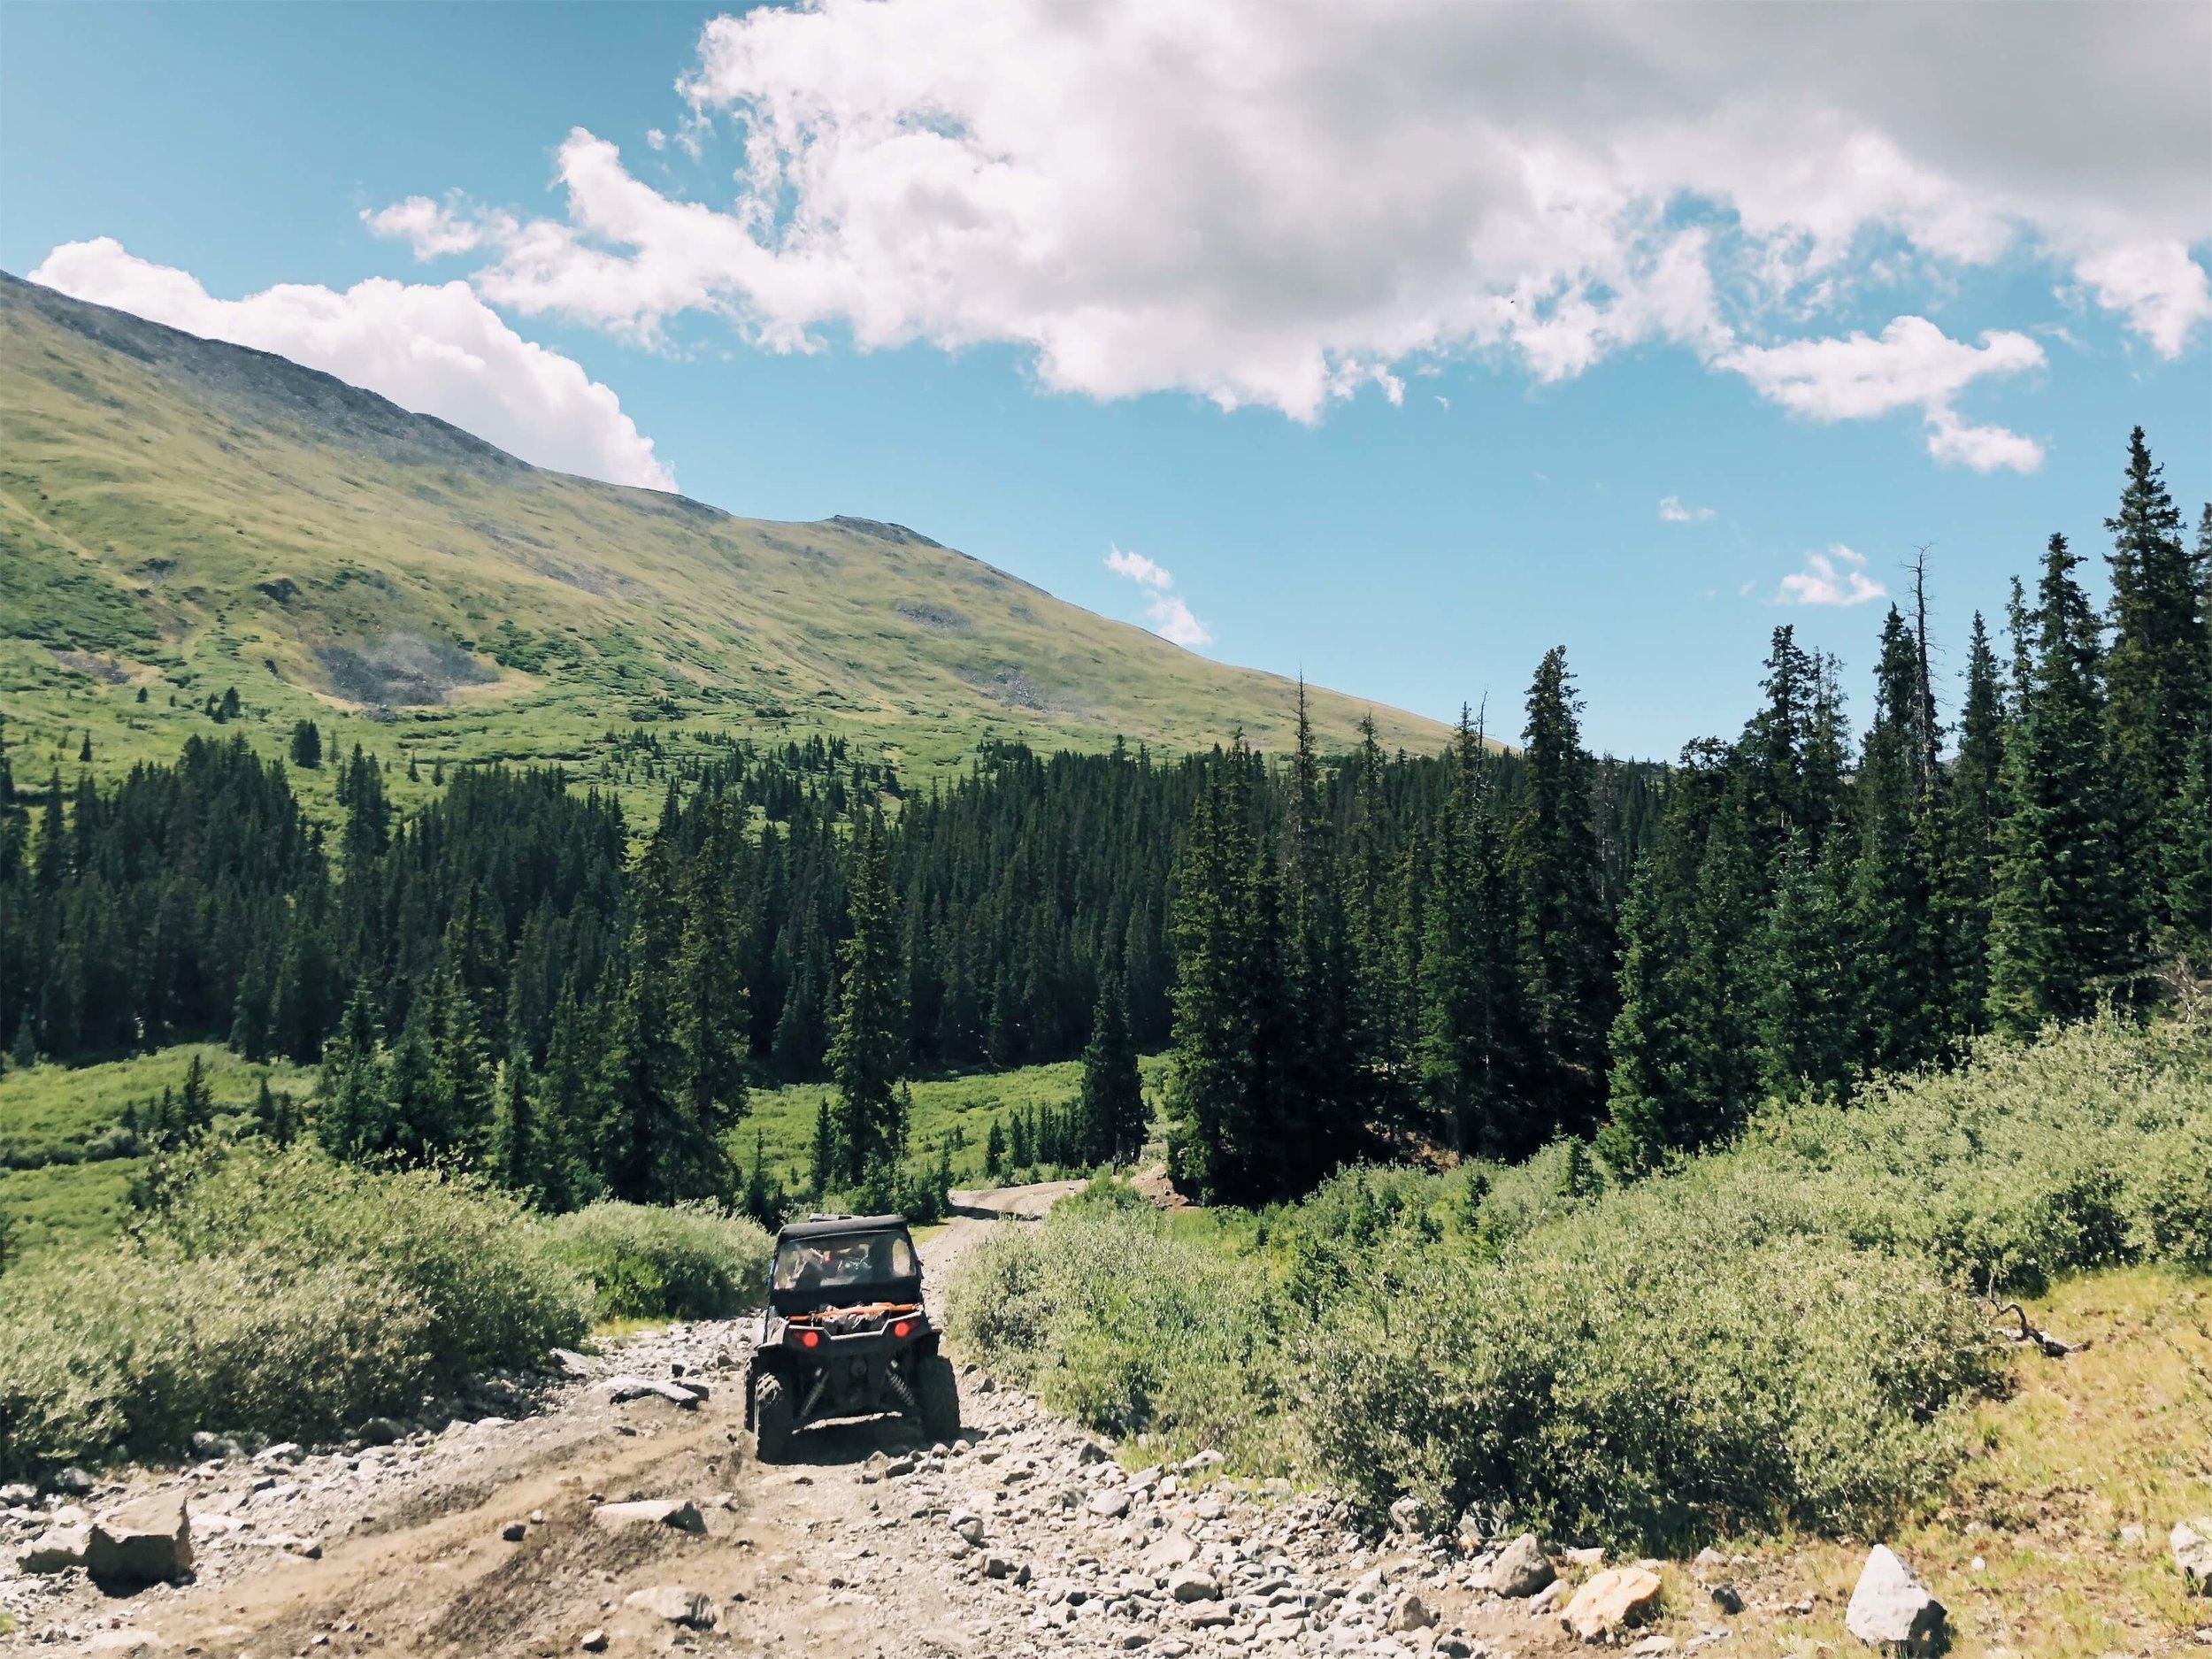 ATV in Buena Vista Colorado